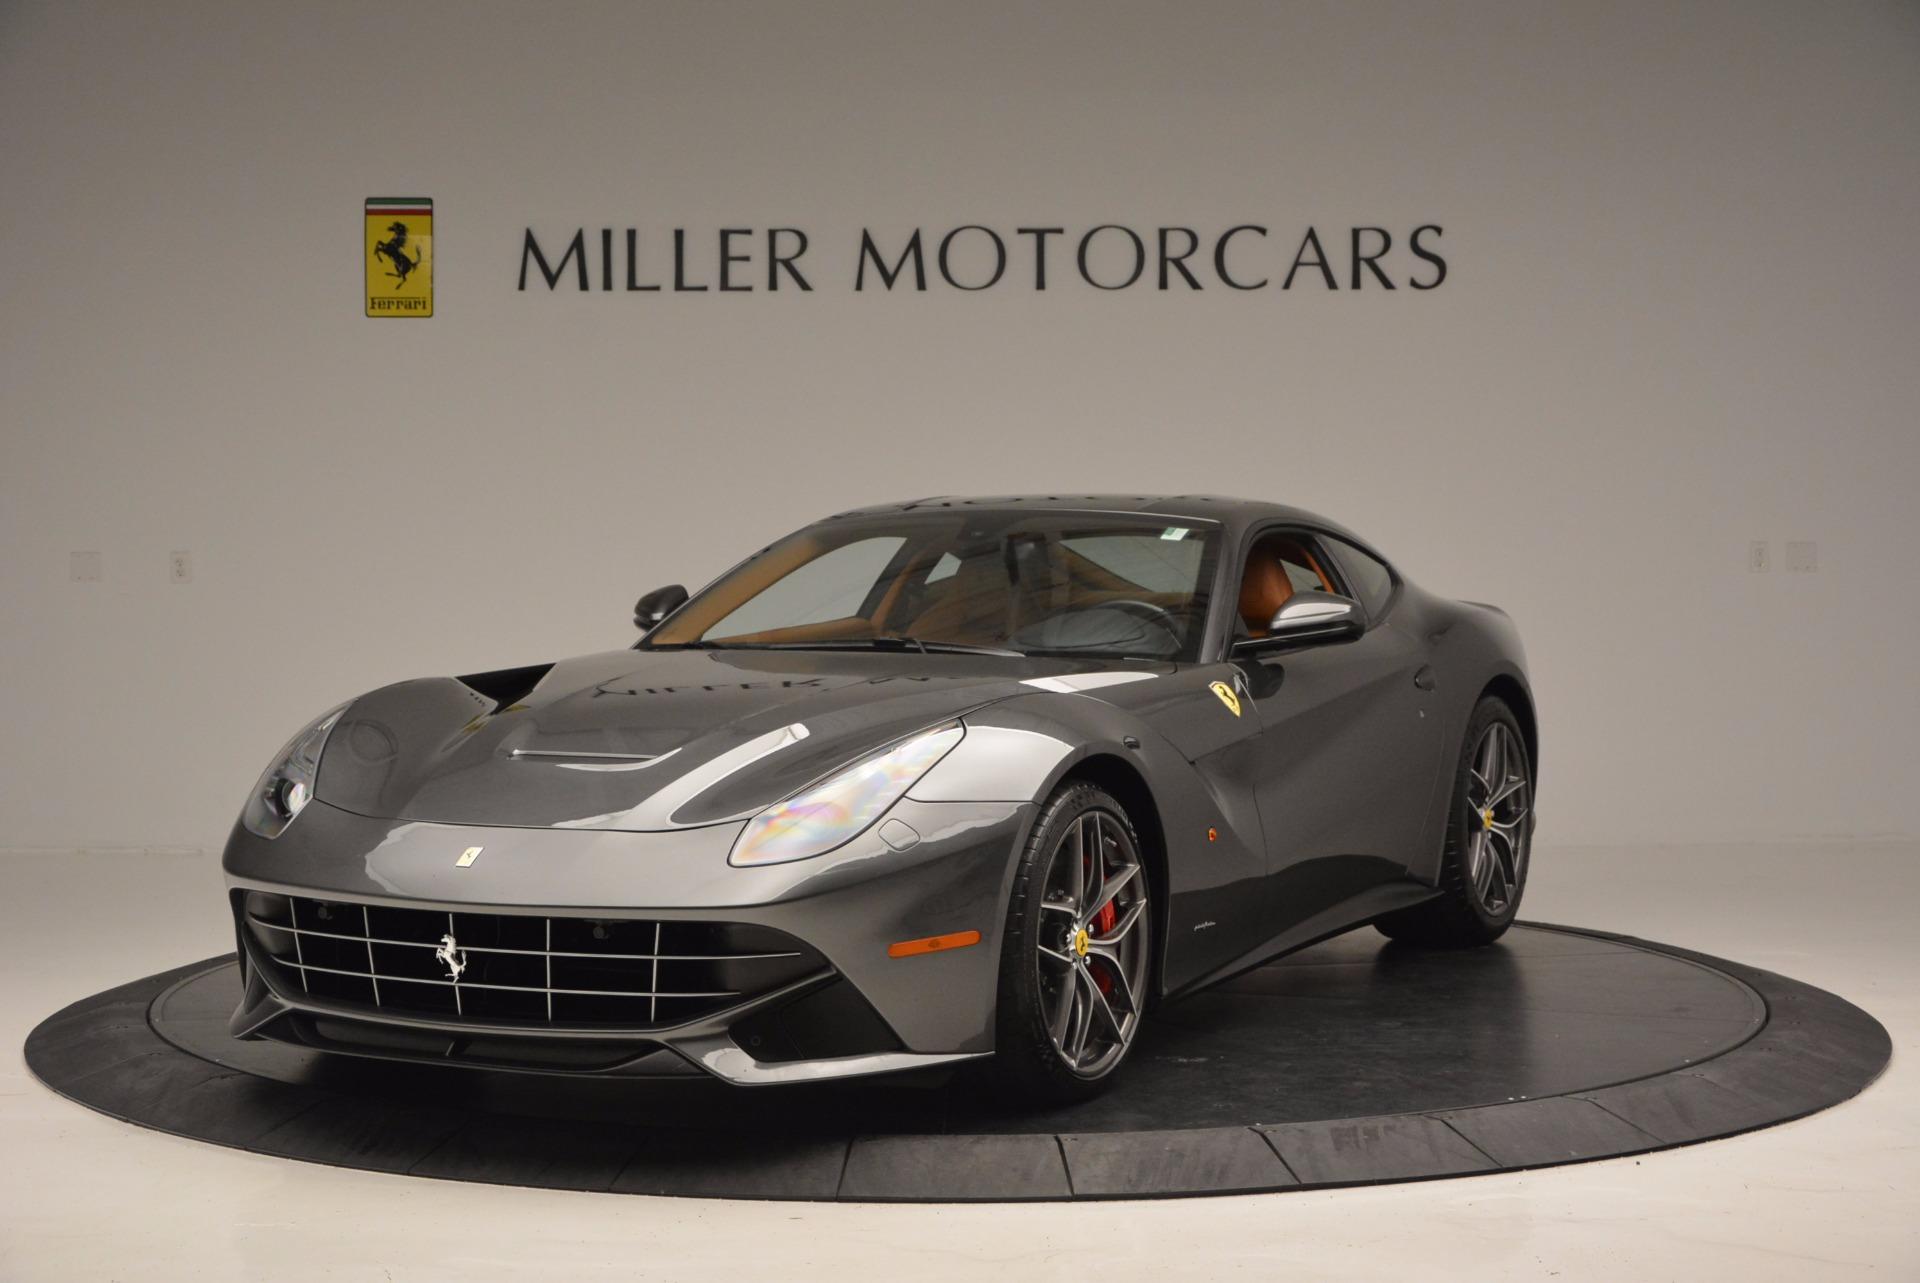 Used 2014 Ferrari F12 Berlinetta for sale Sold at Bugatti of Greenwich in Greenwich CT 06830 1